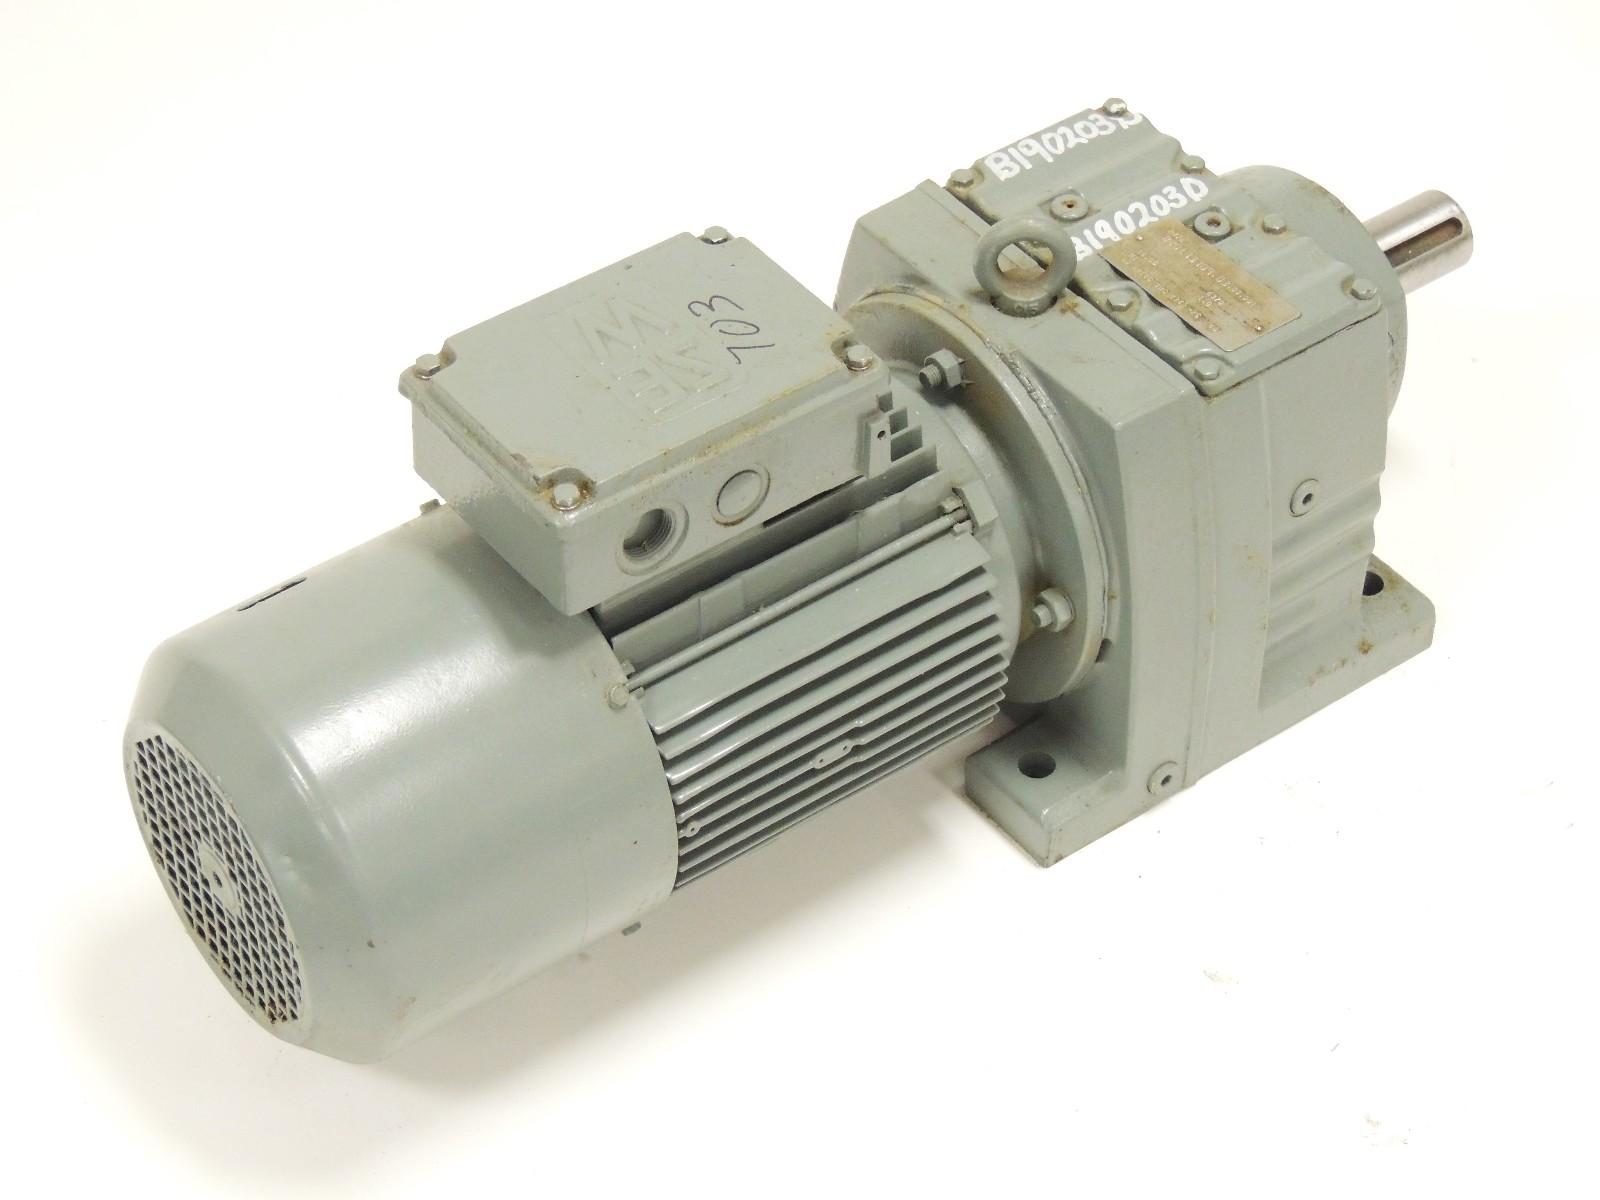 Used Sew Eurodrive Gearmotor Dft100l416 880173709 03 03